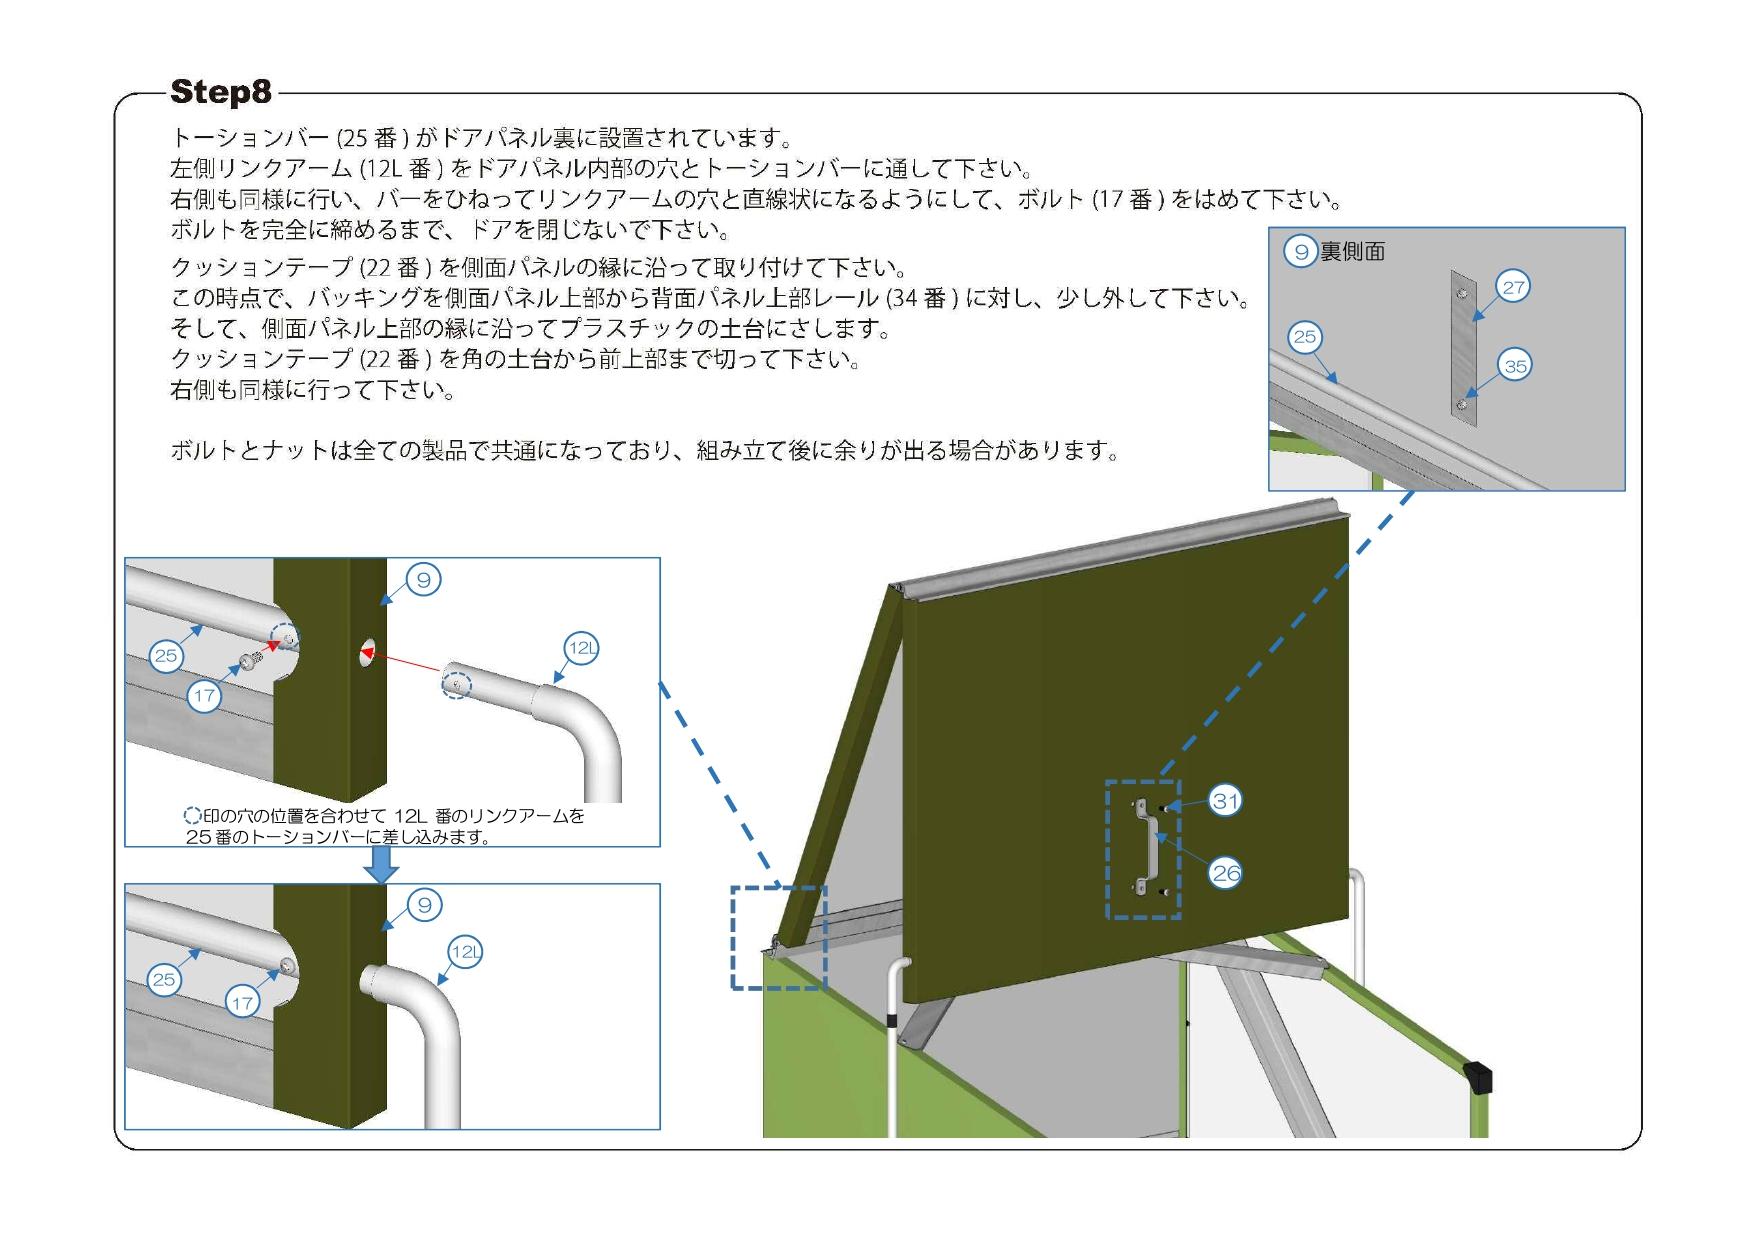 ミニストレージTM4 説明書_page-0011